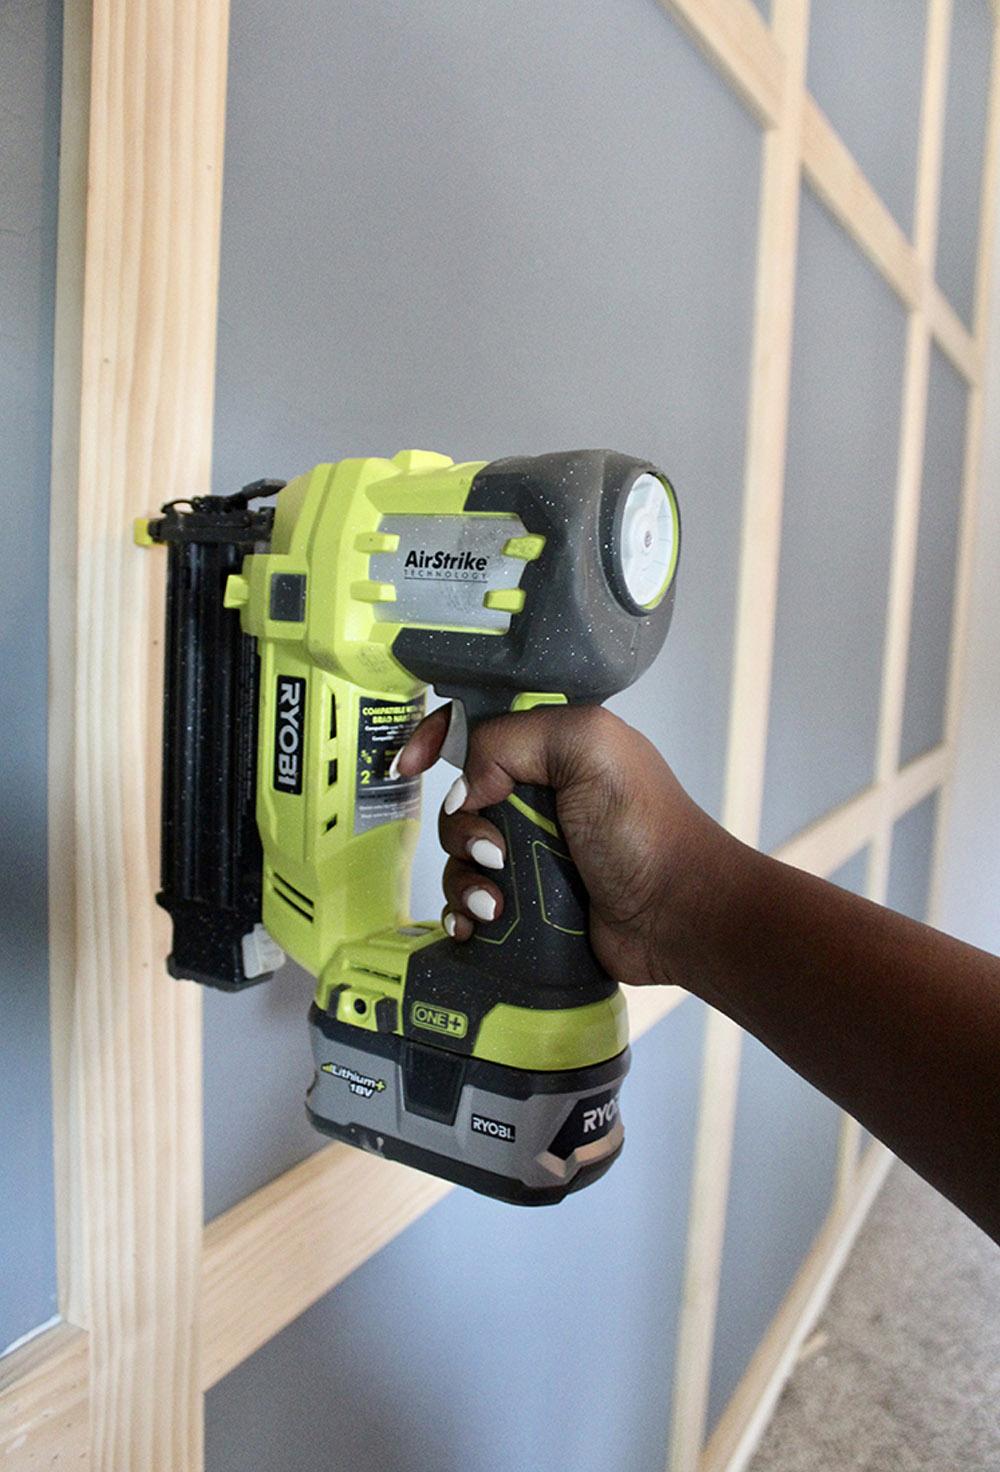 A person using a nail gun to attach trim to a wall.